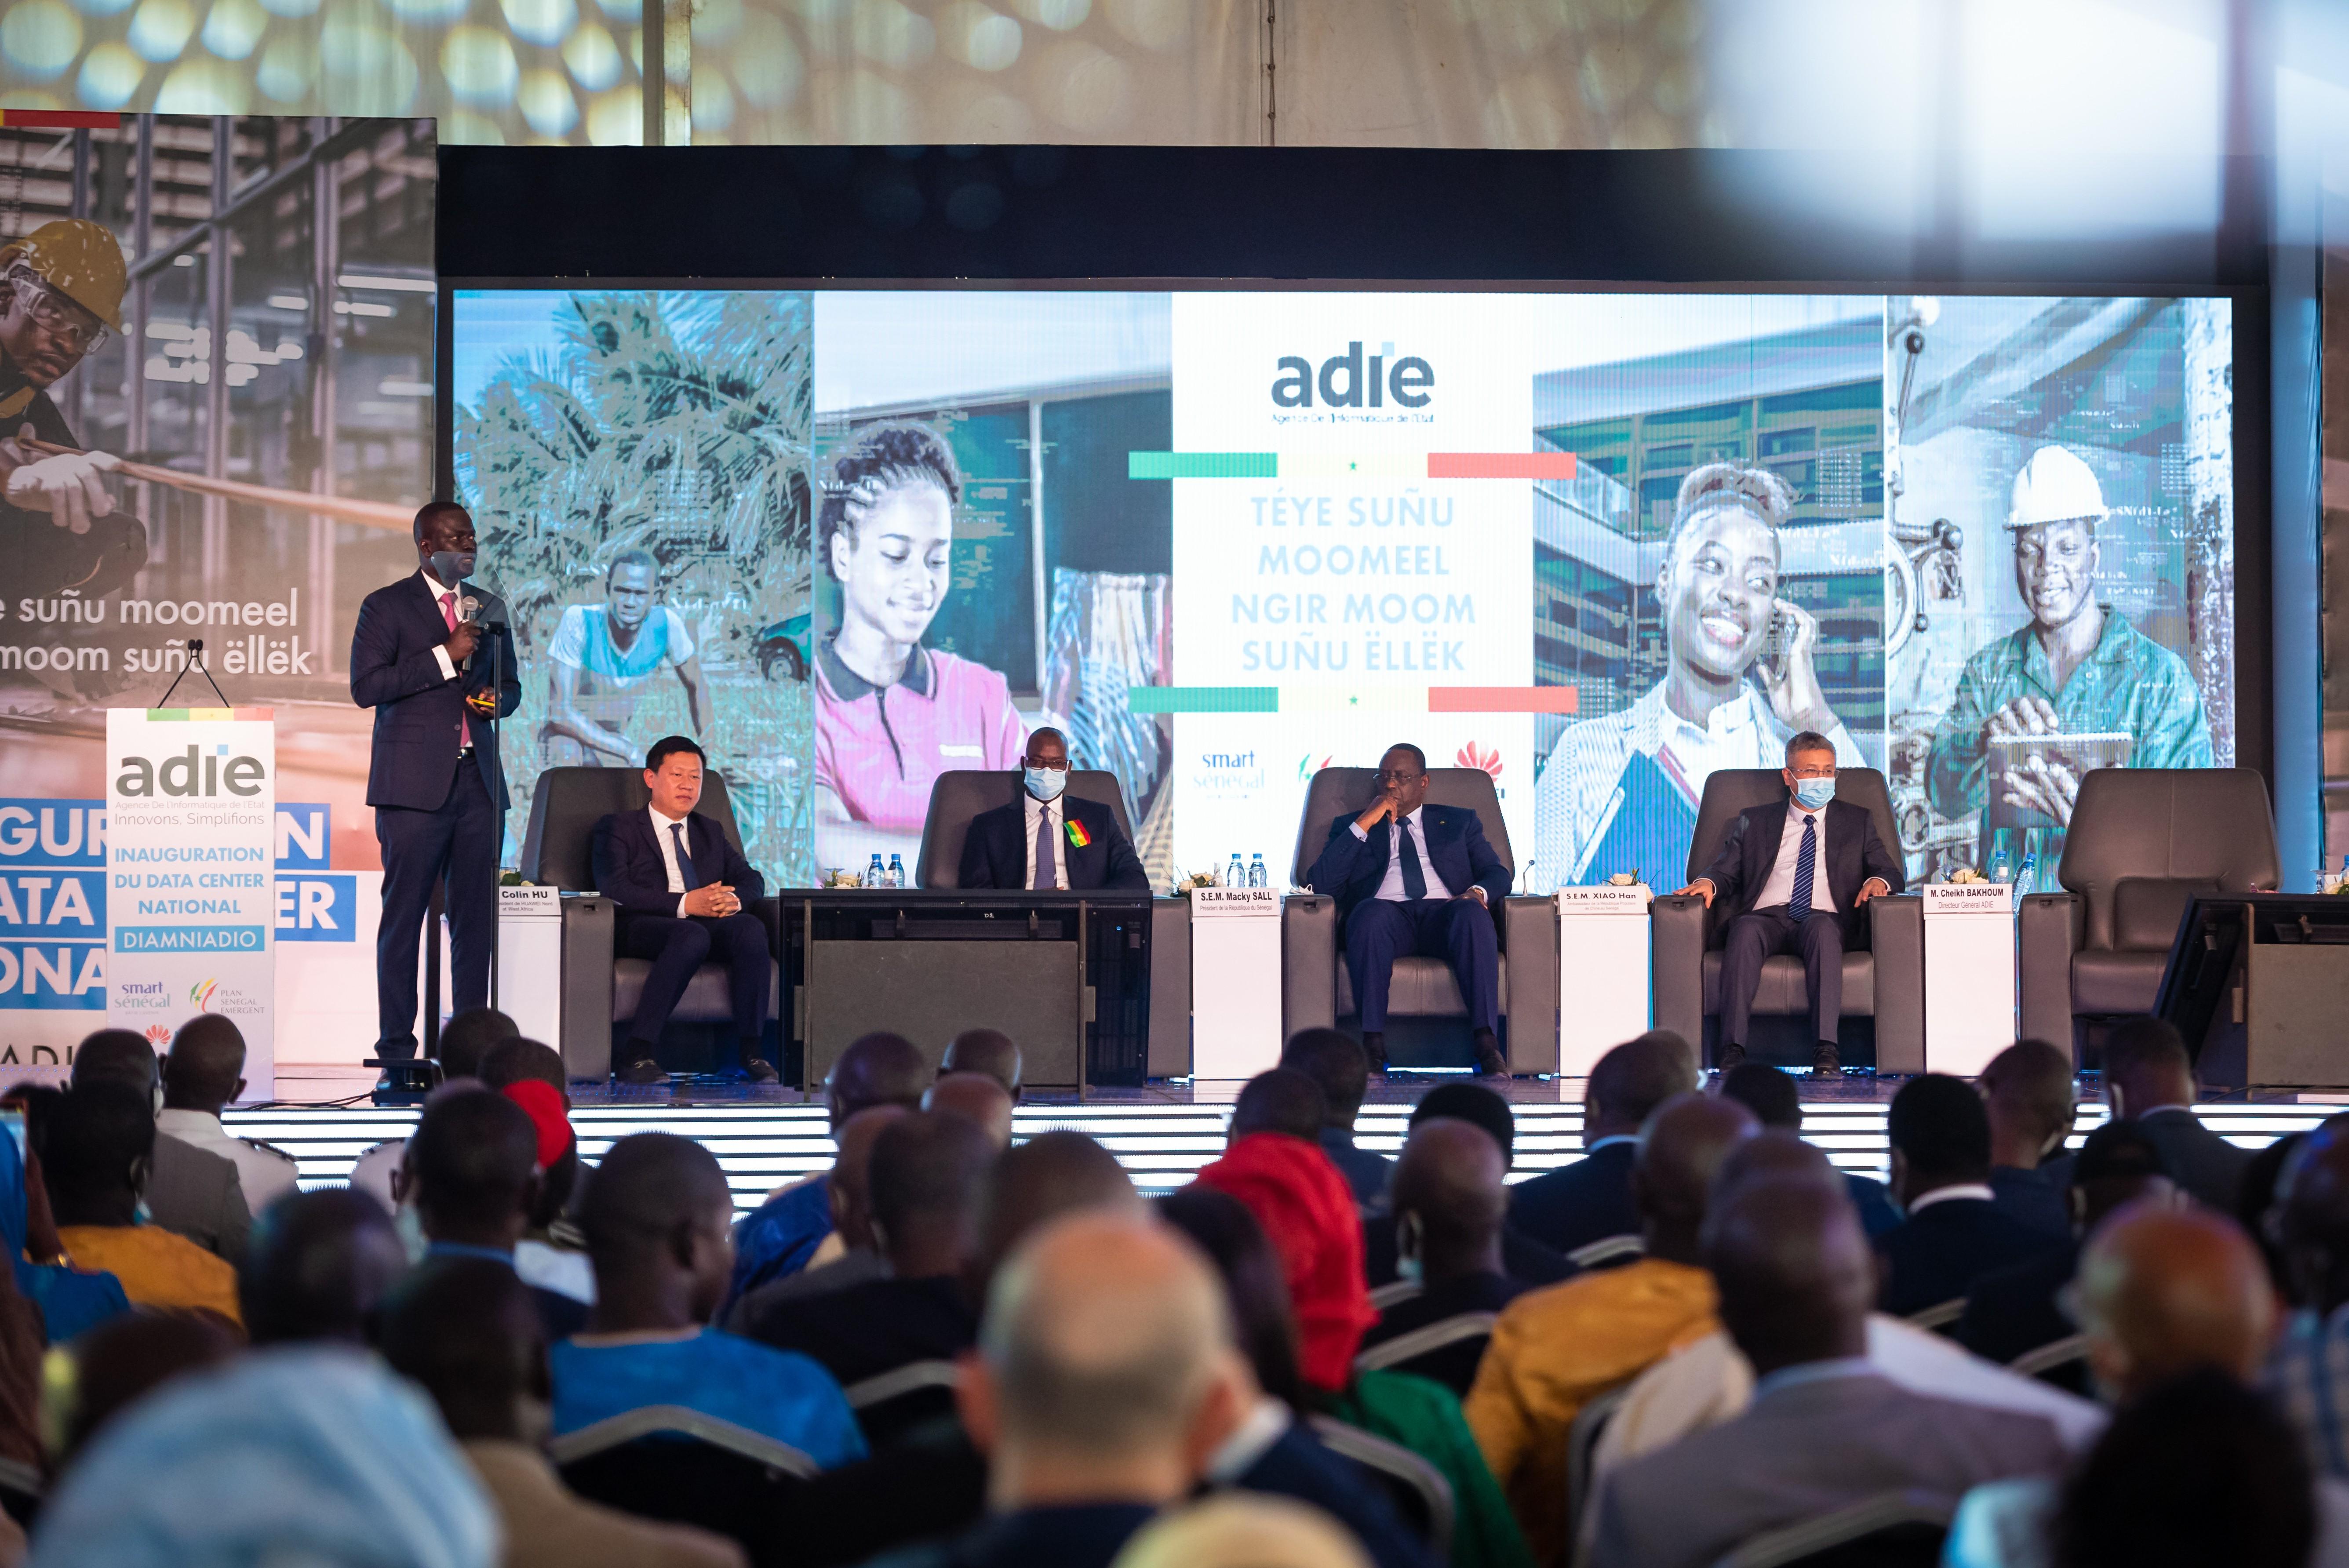 Le Sénégal renforce sa souveraineté numérique avec l'inauguration du Datacenter national de Diamniadio